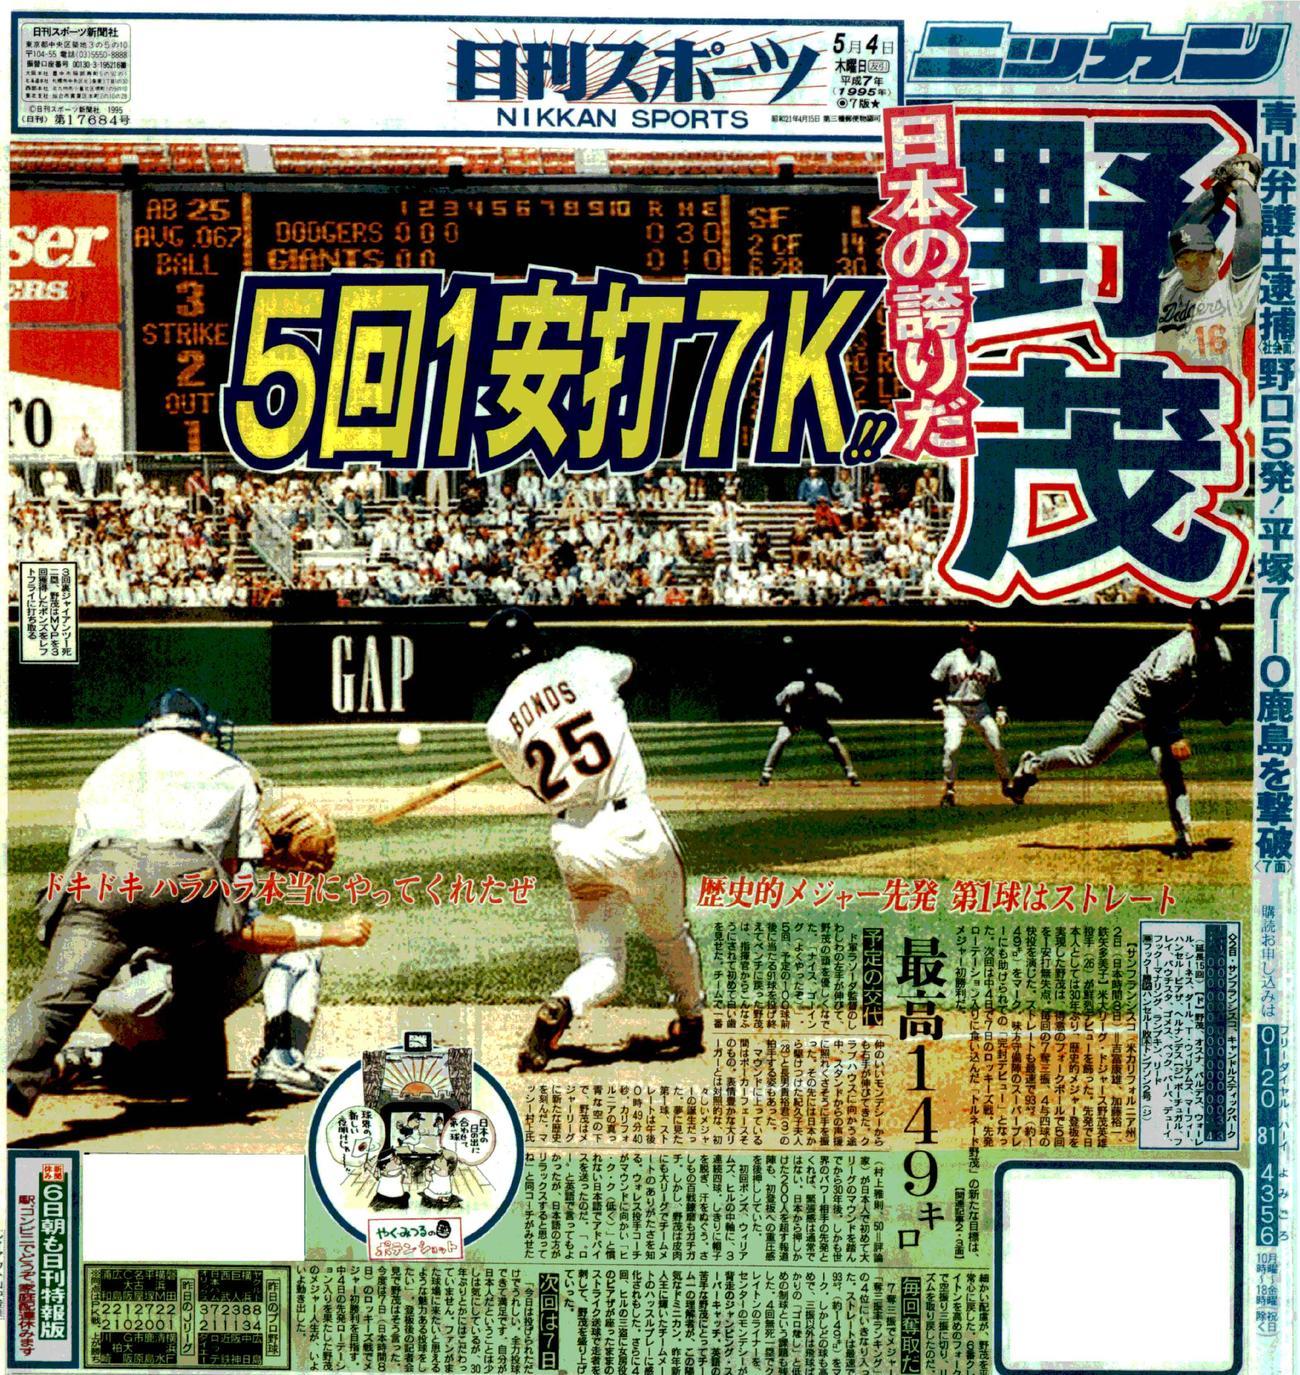 野茂英雄、メジャーデビュー/1995・5・2 - MLB写真ニュース ...